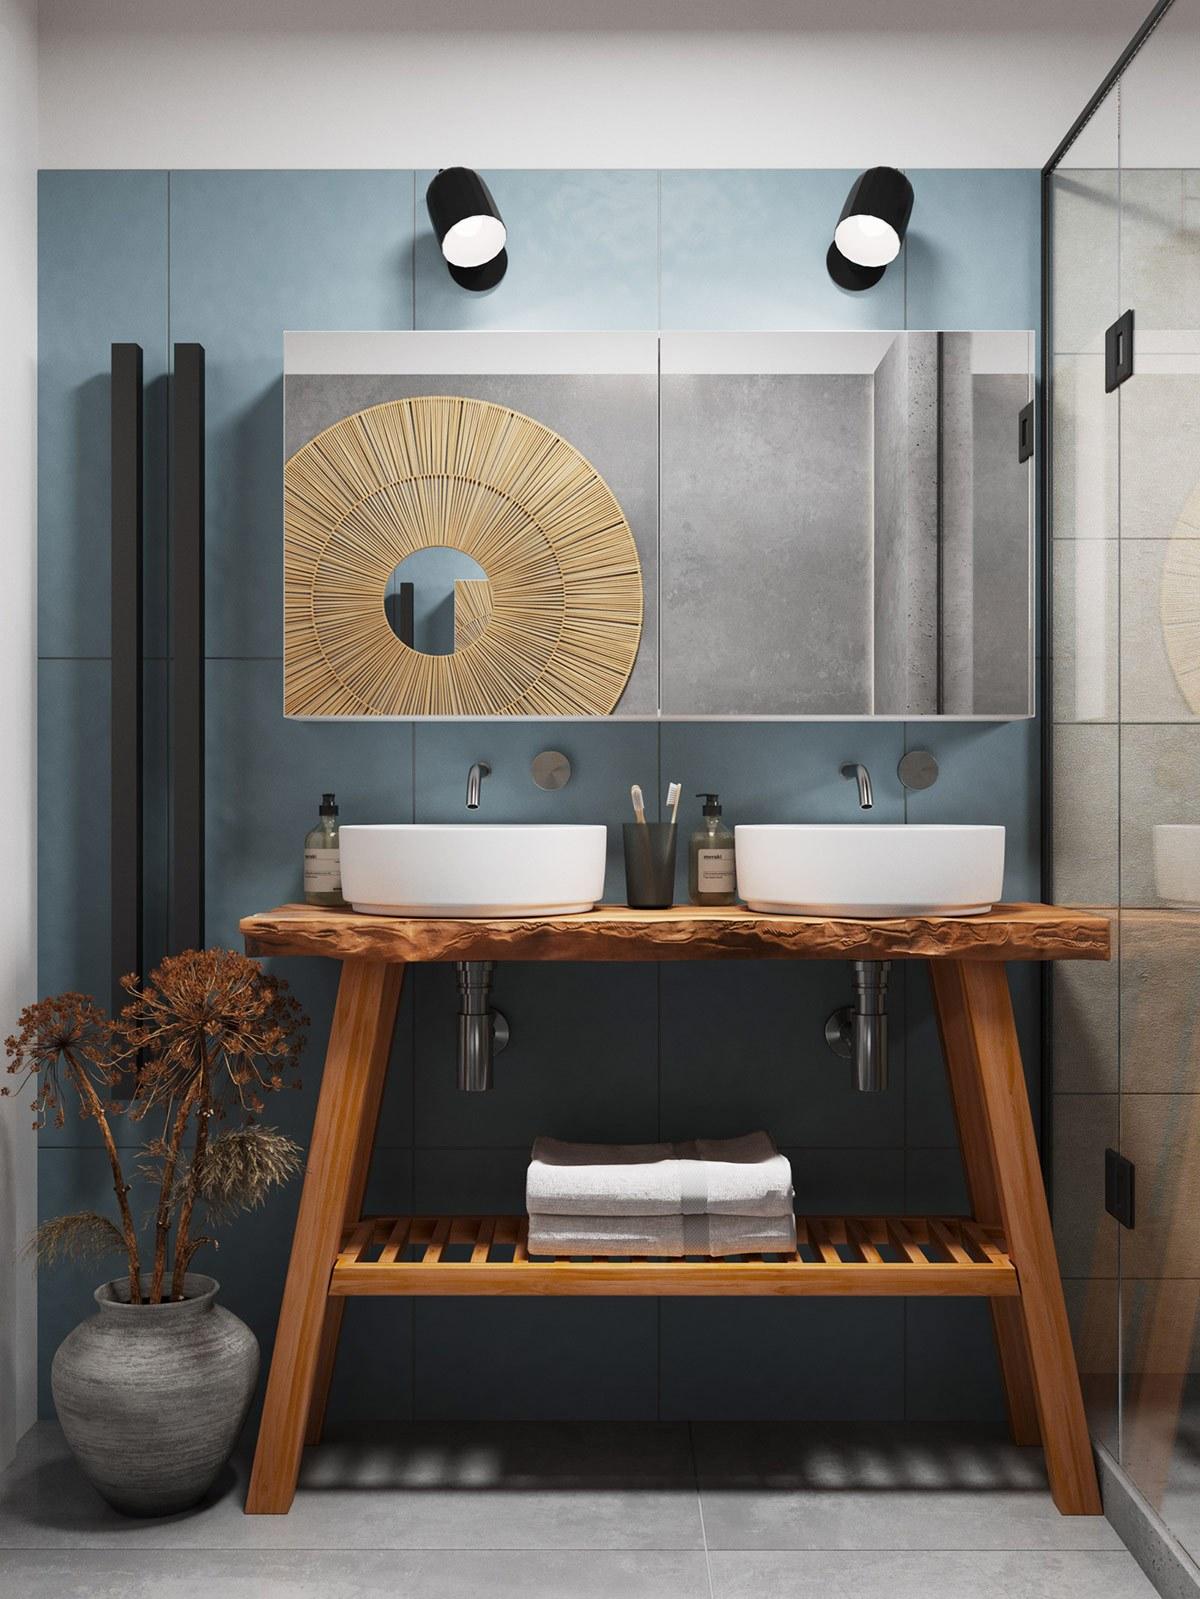 Thiết kế nội thất chung cư phòng vệ sinh phong cách tối giản